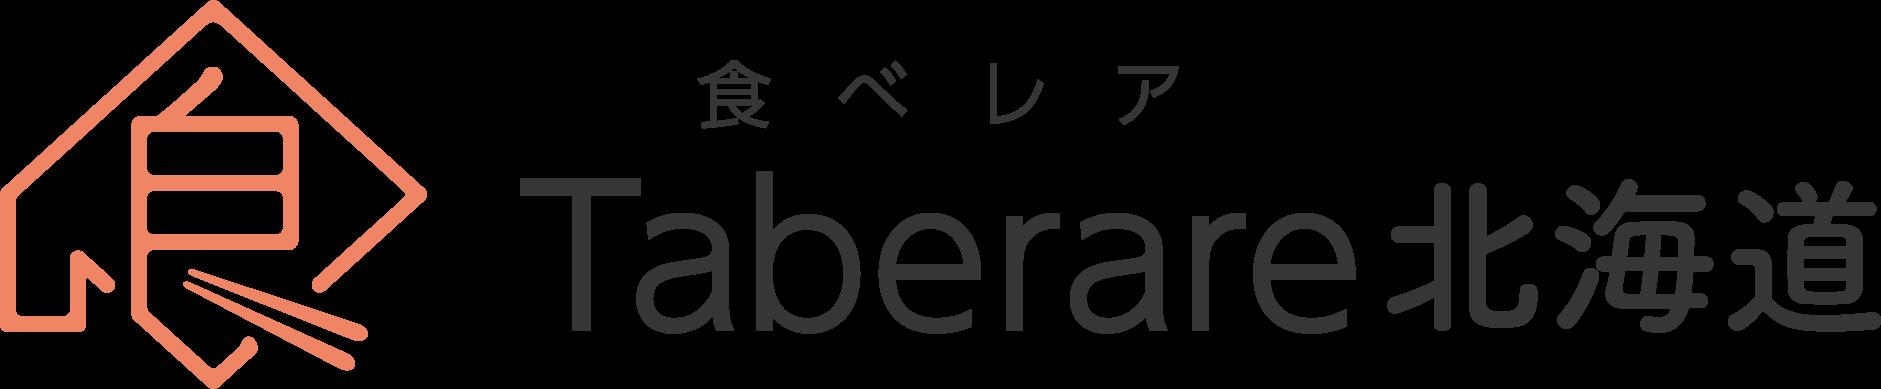 『食べレア北海道』-ロゴ